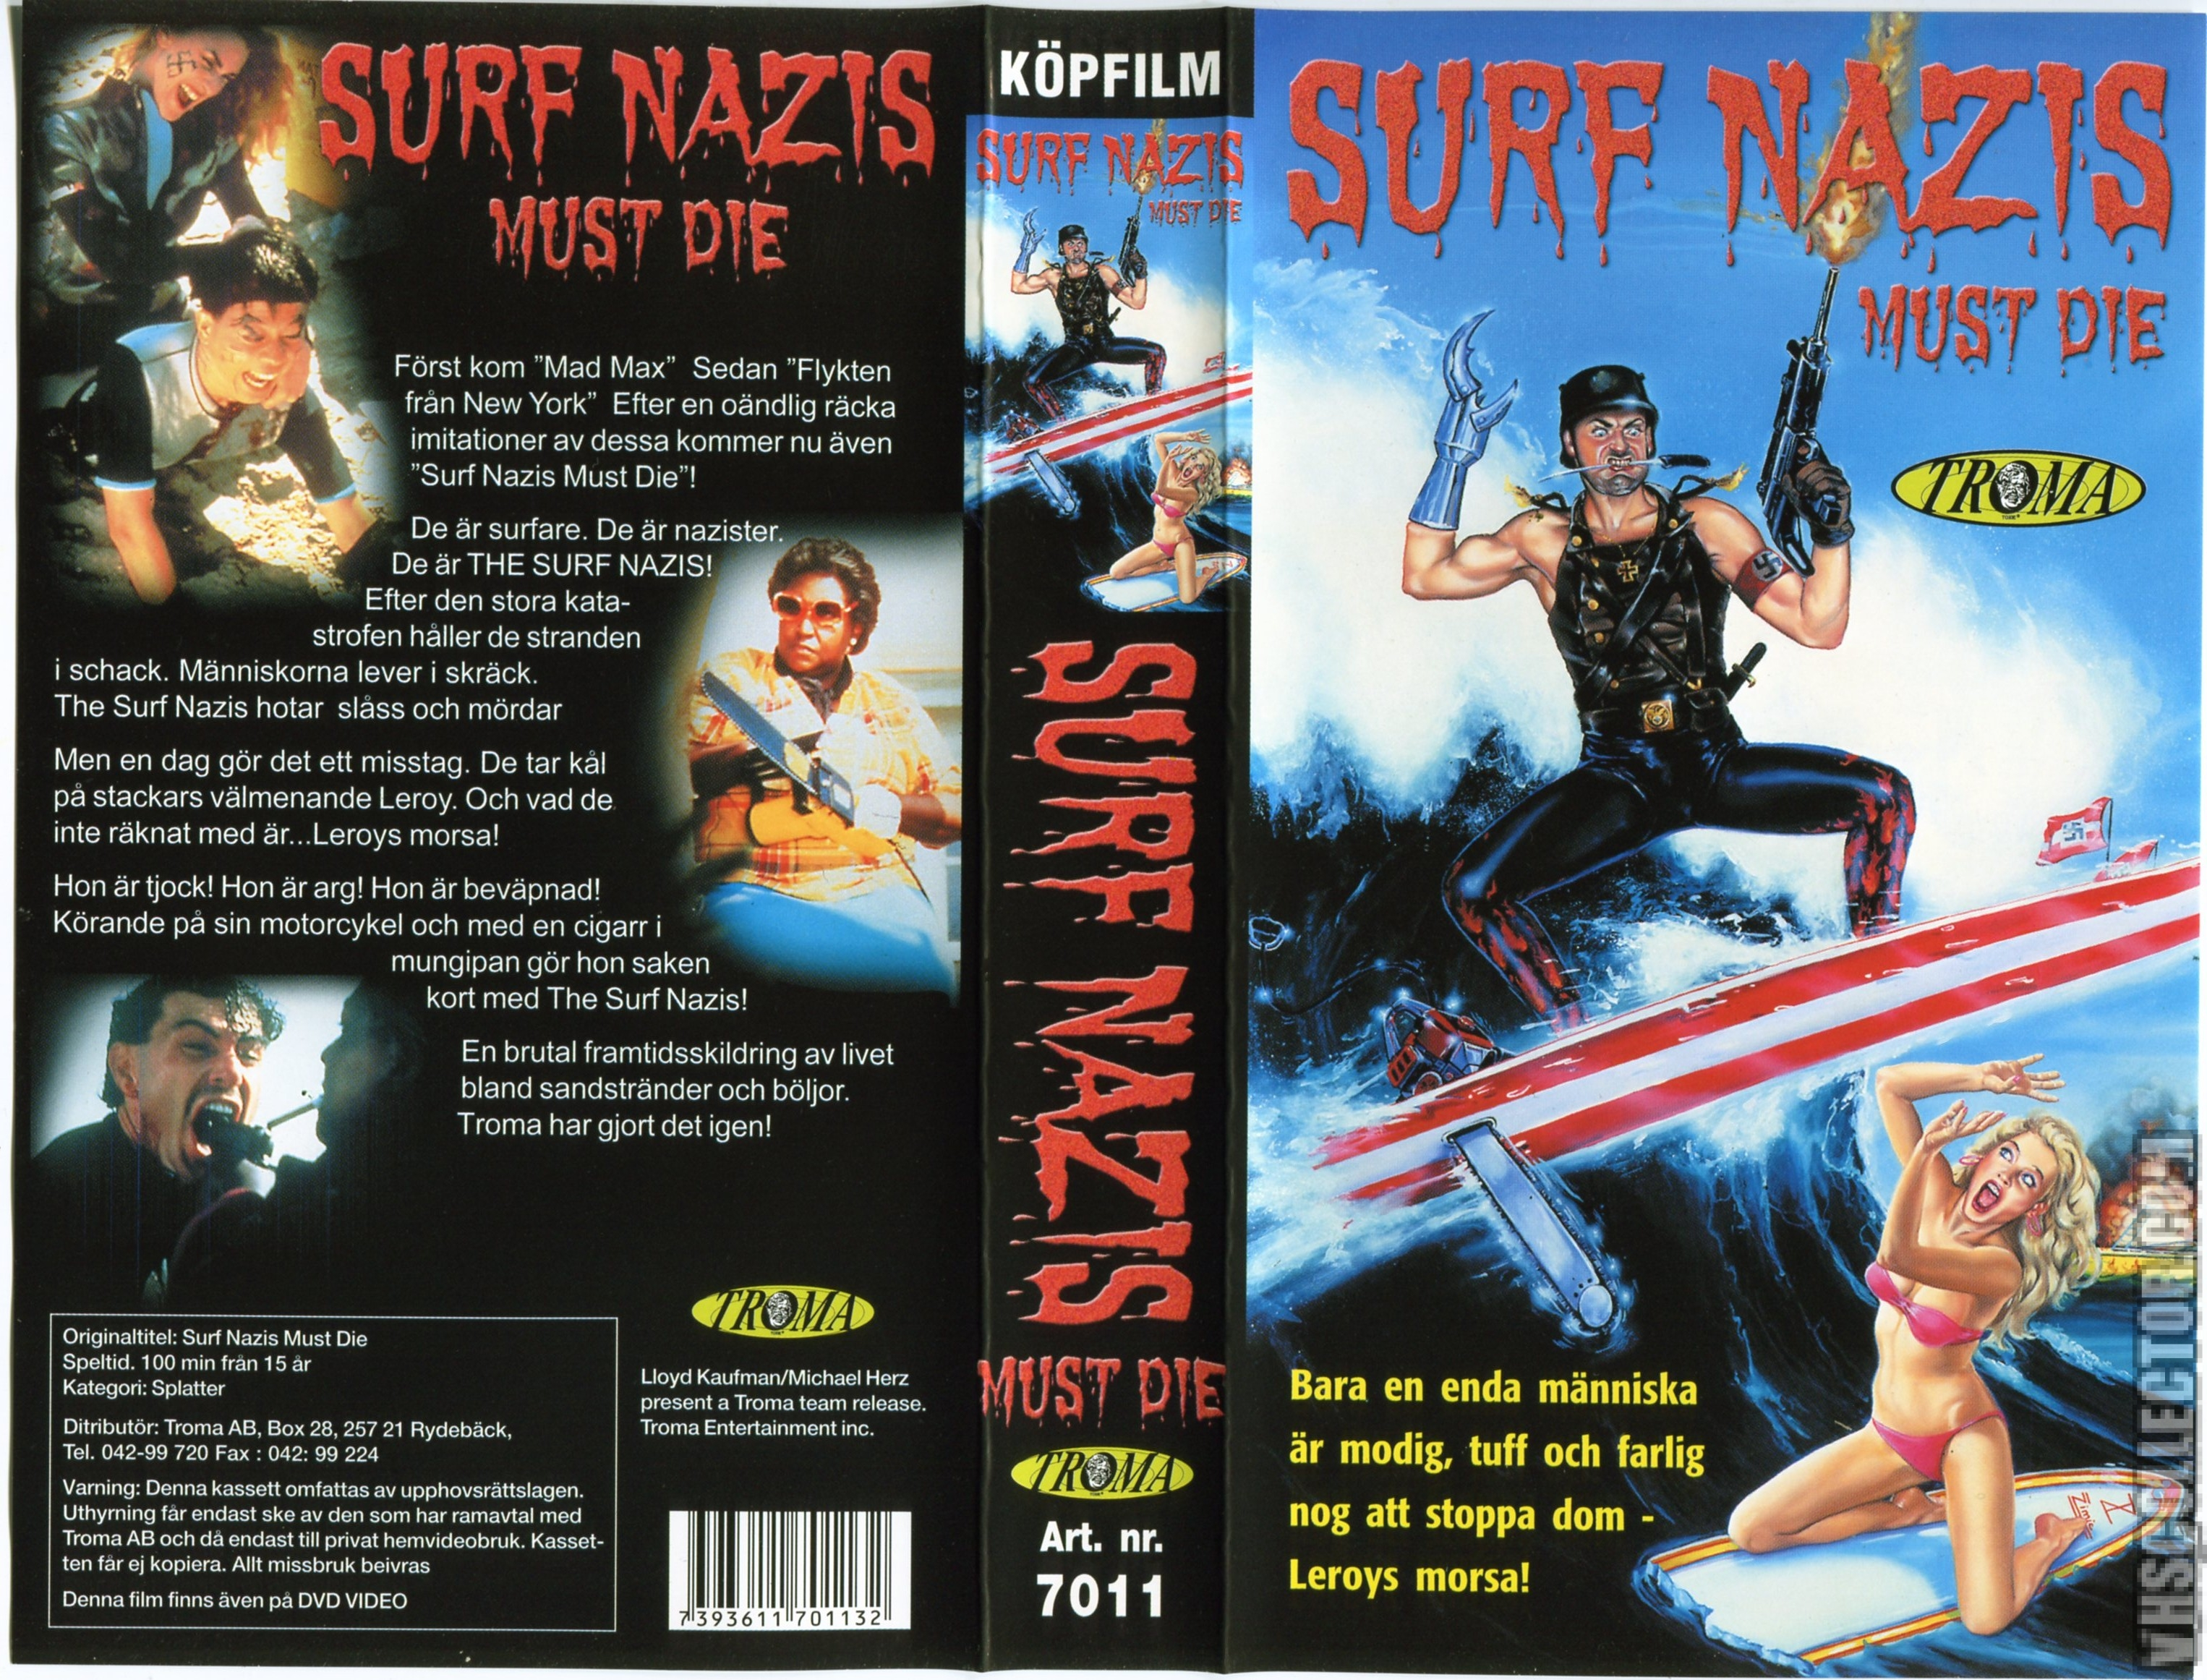 Surf Nazis Must Die Movie Poster Large 24inx36in Ebay 0